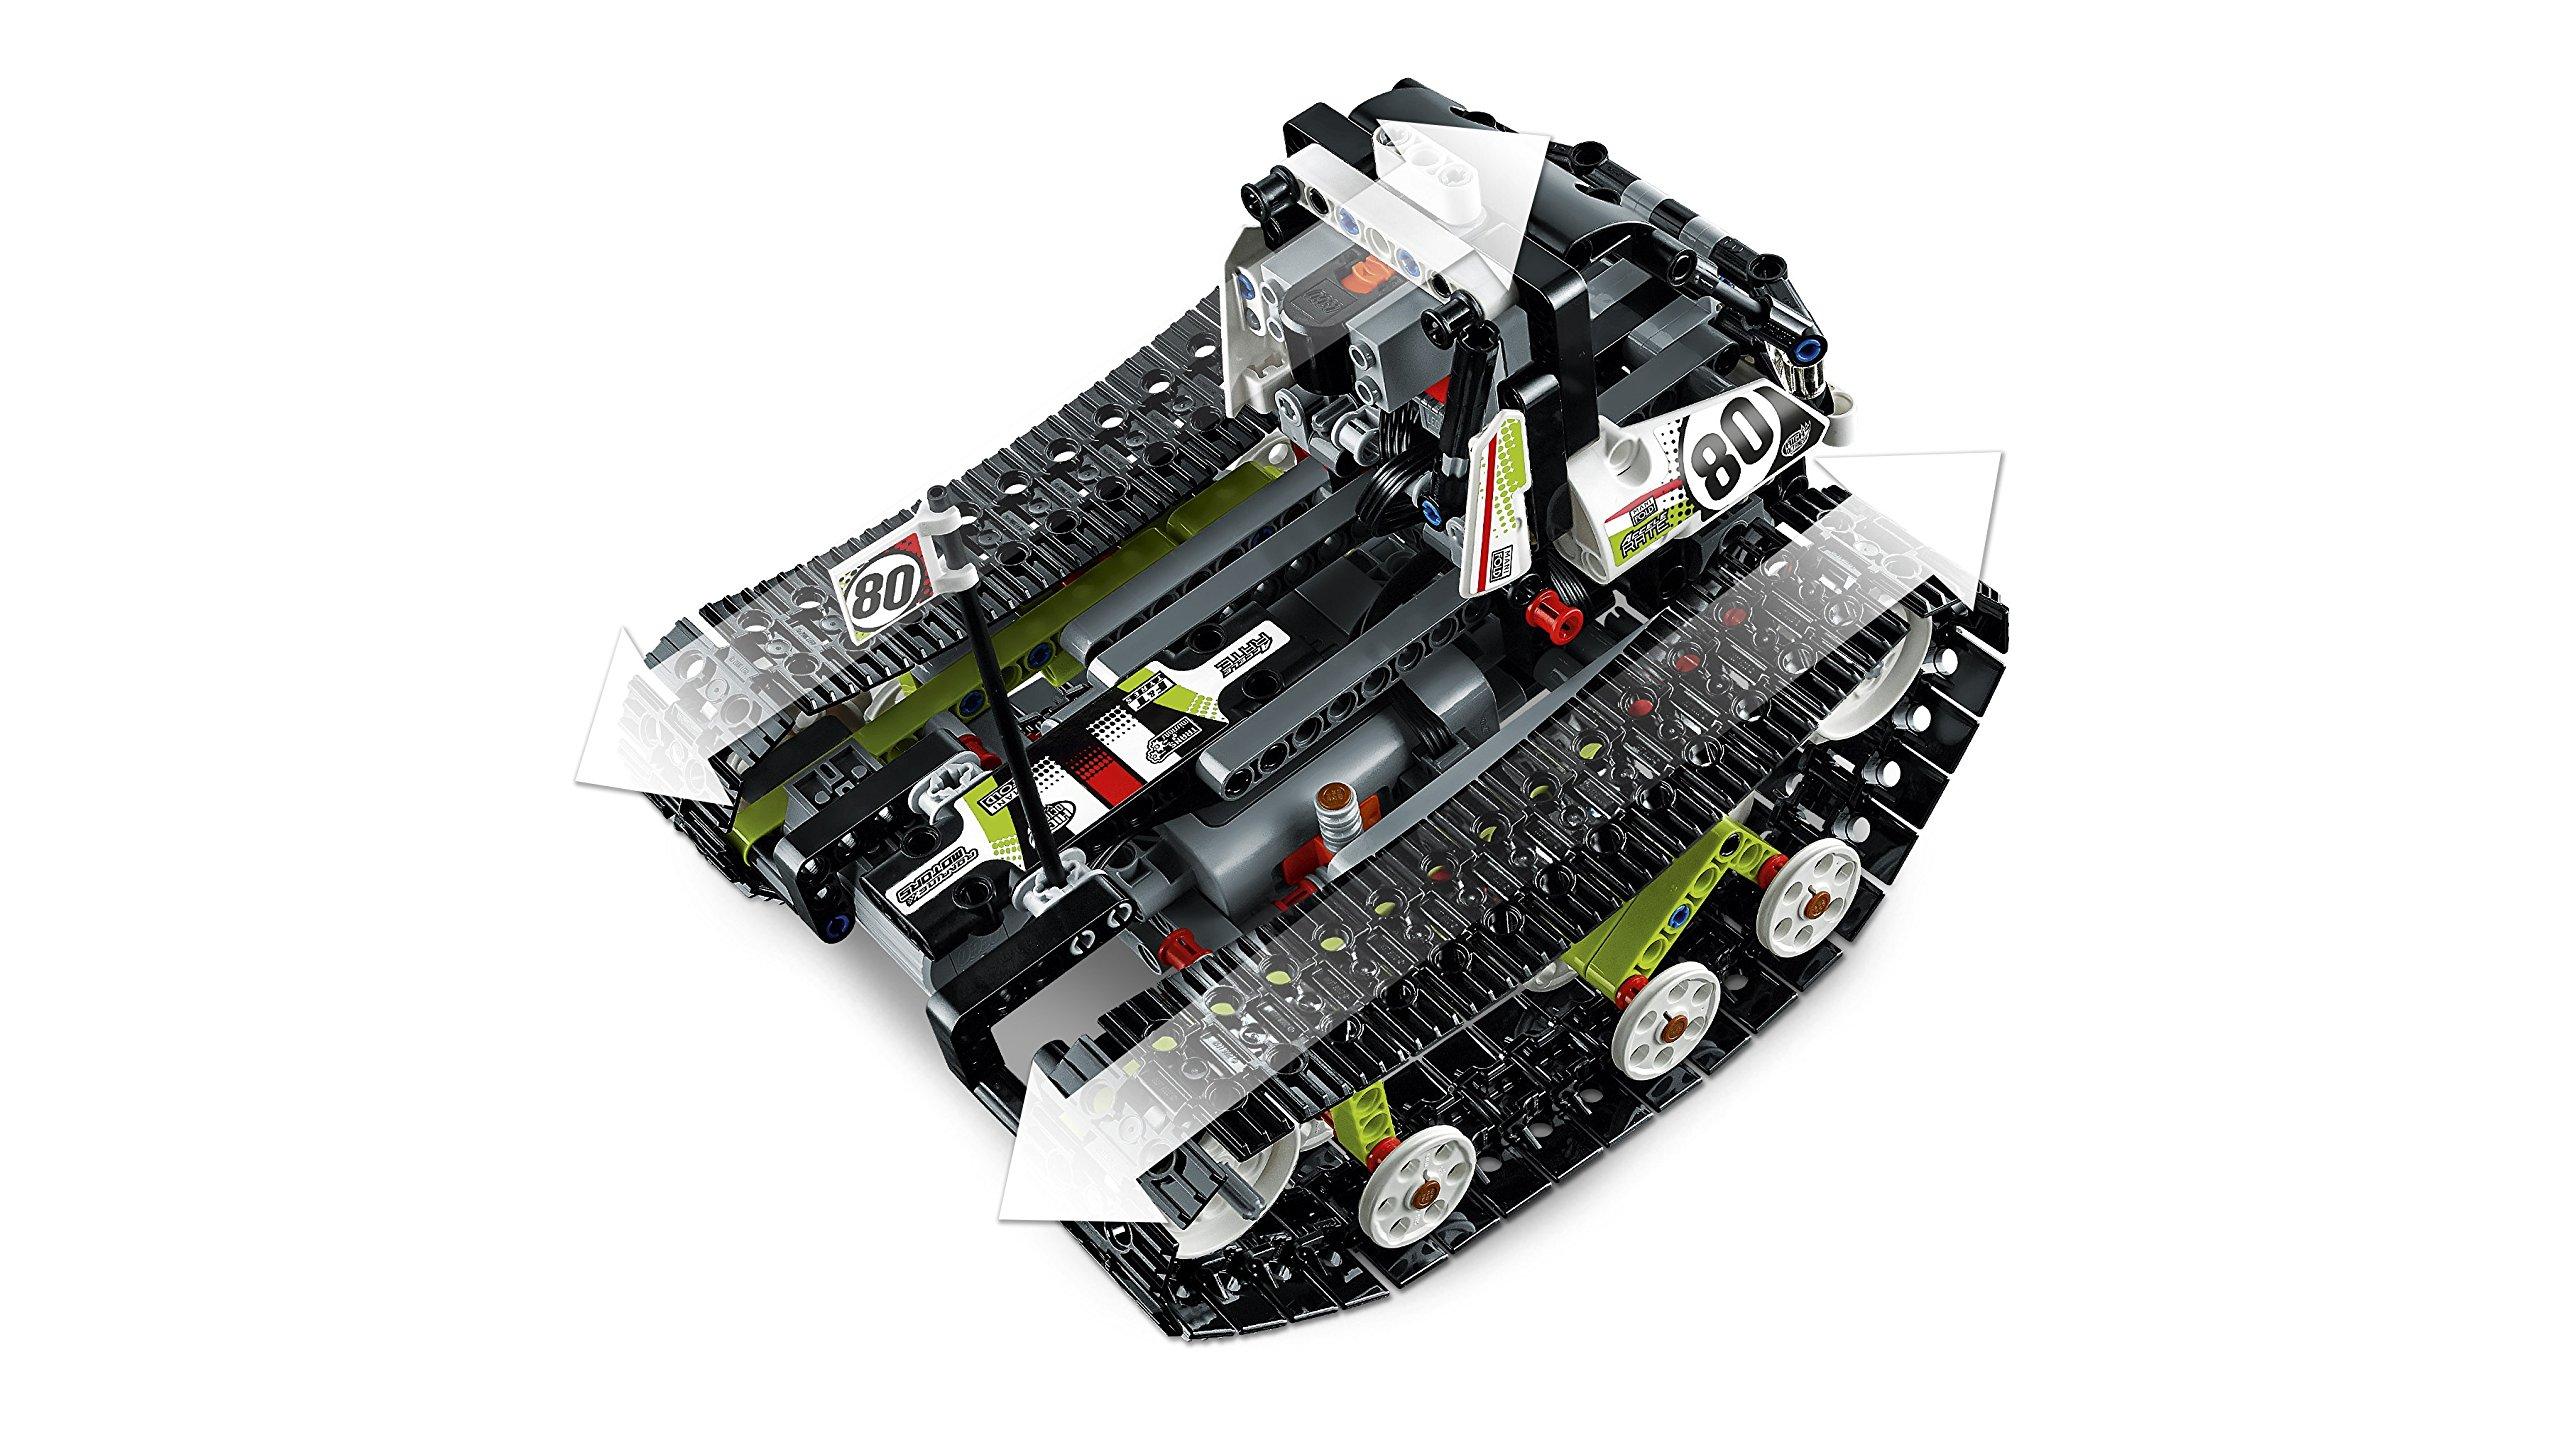 LEGO- Technic Cars Racer Cingolato Telecomandato Costruzioni Piccole Gioco Bambina, Multicolore, 42065 4 spesavip